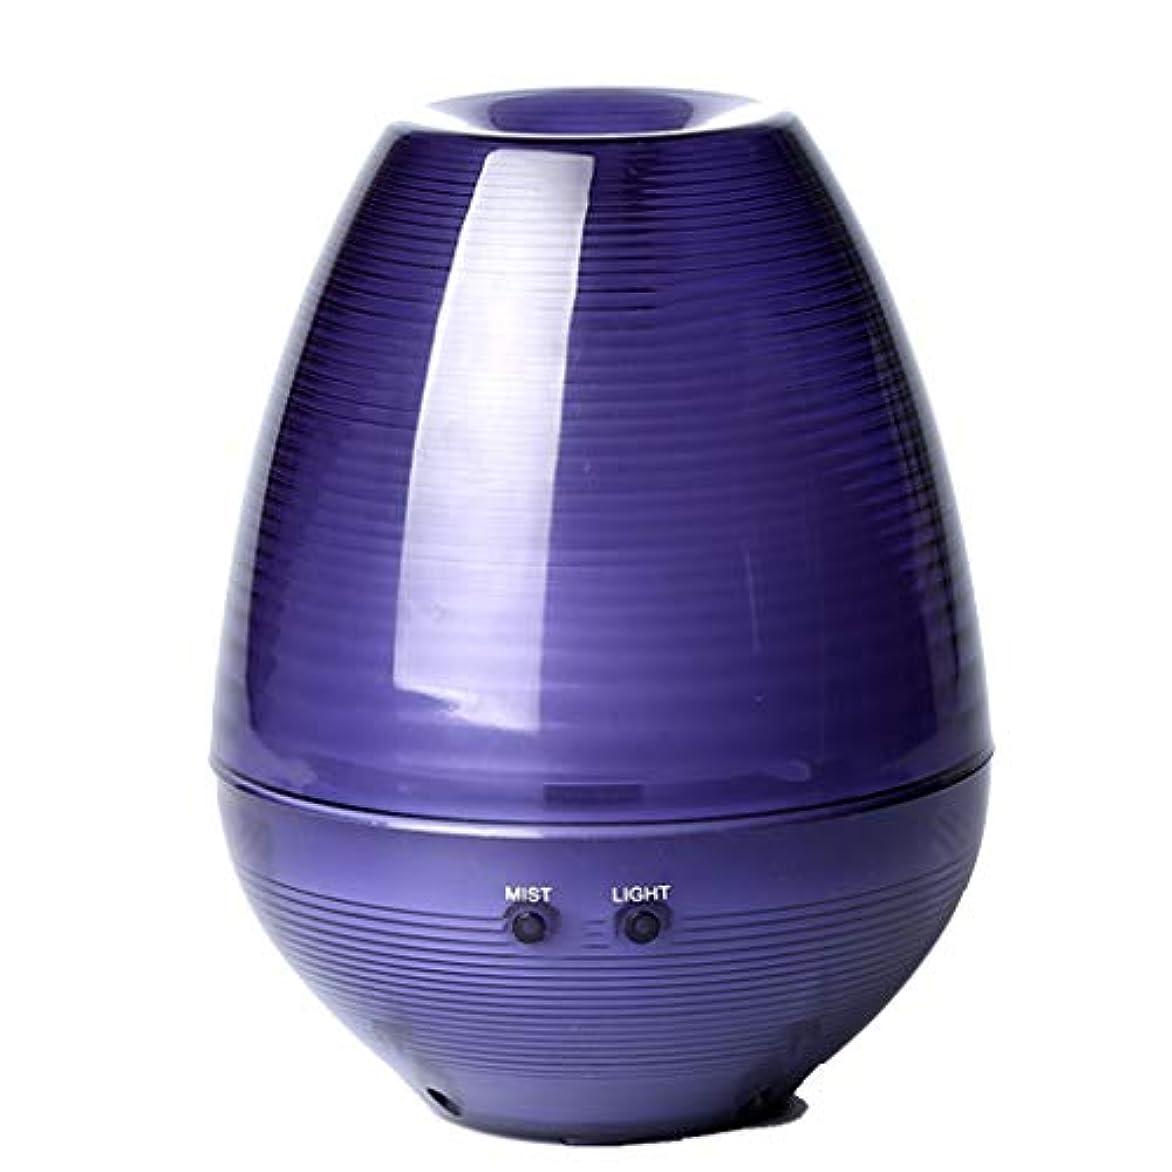 おもてなし顕現終わりアロマセラピーエッセンシャルオイルディフューザー、アロマディフューザークールミスト加湿器ウォーターレスオートシャットオフホームオフィス用ヨガ (Color : Purple)